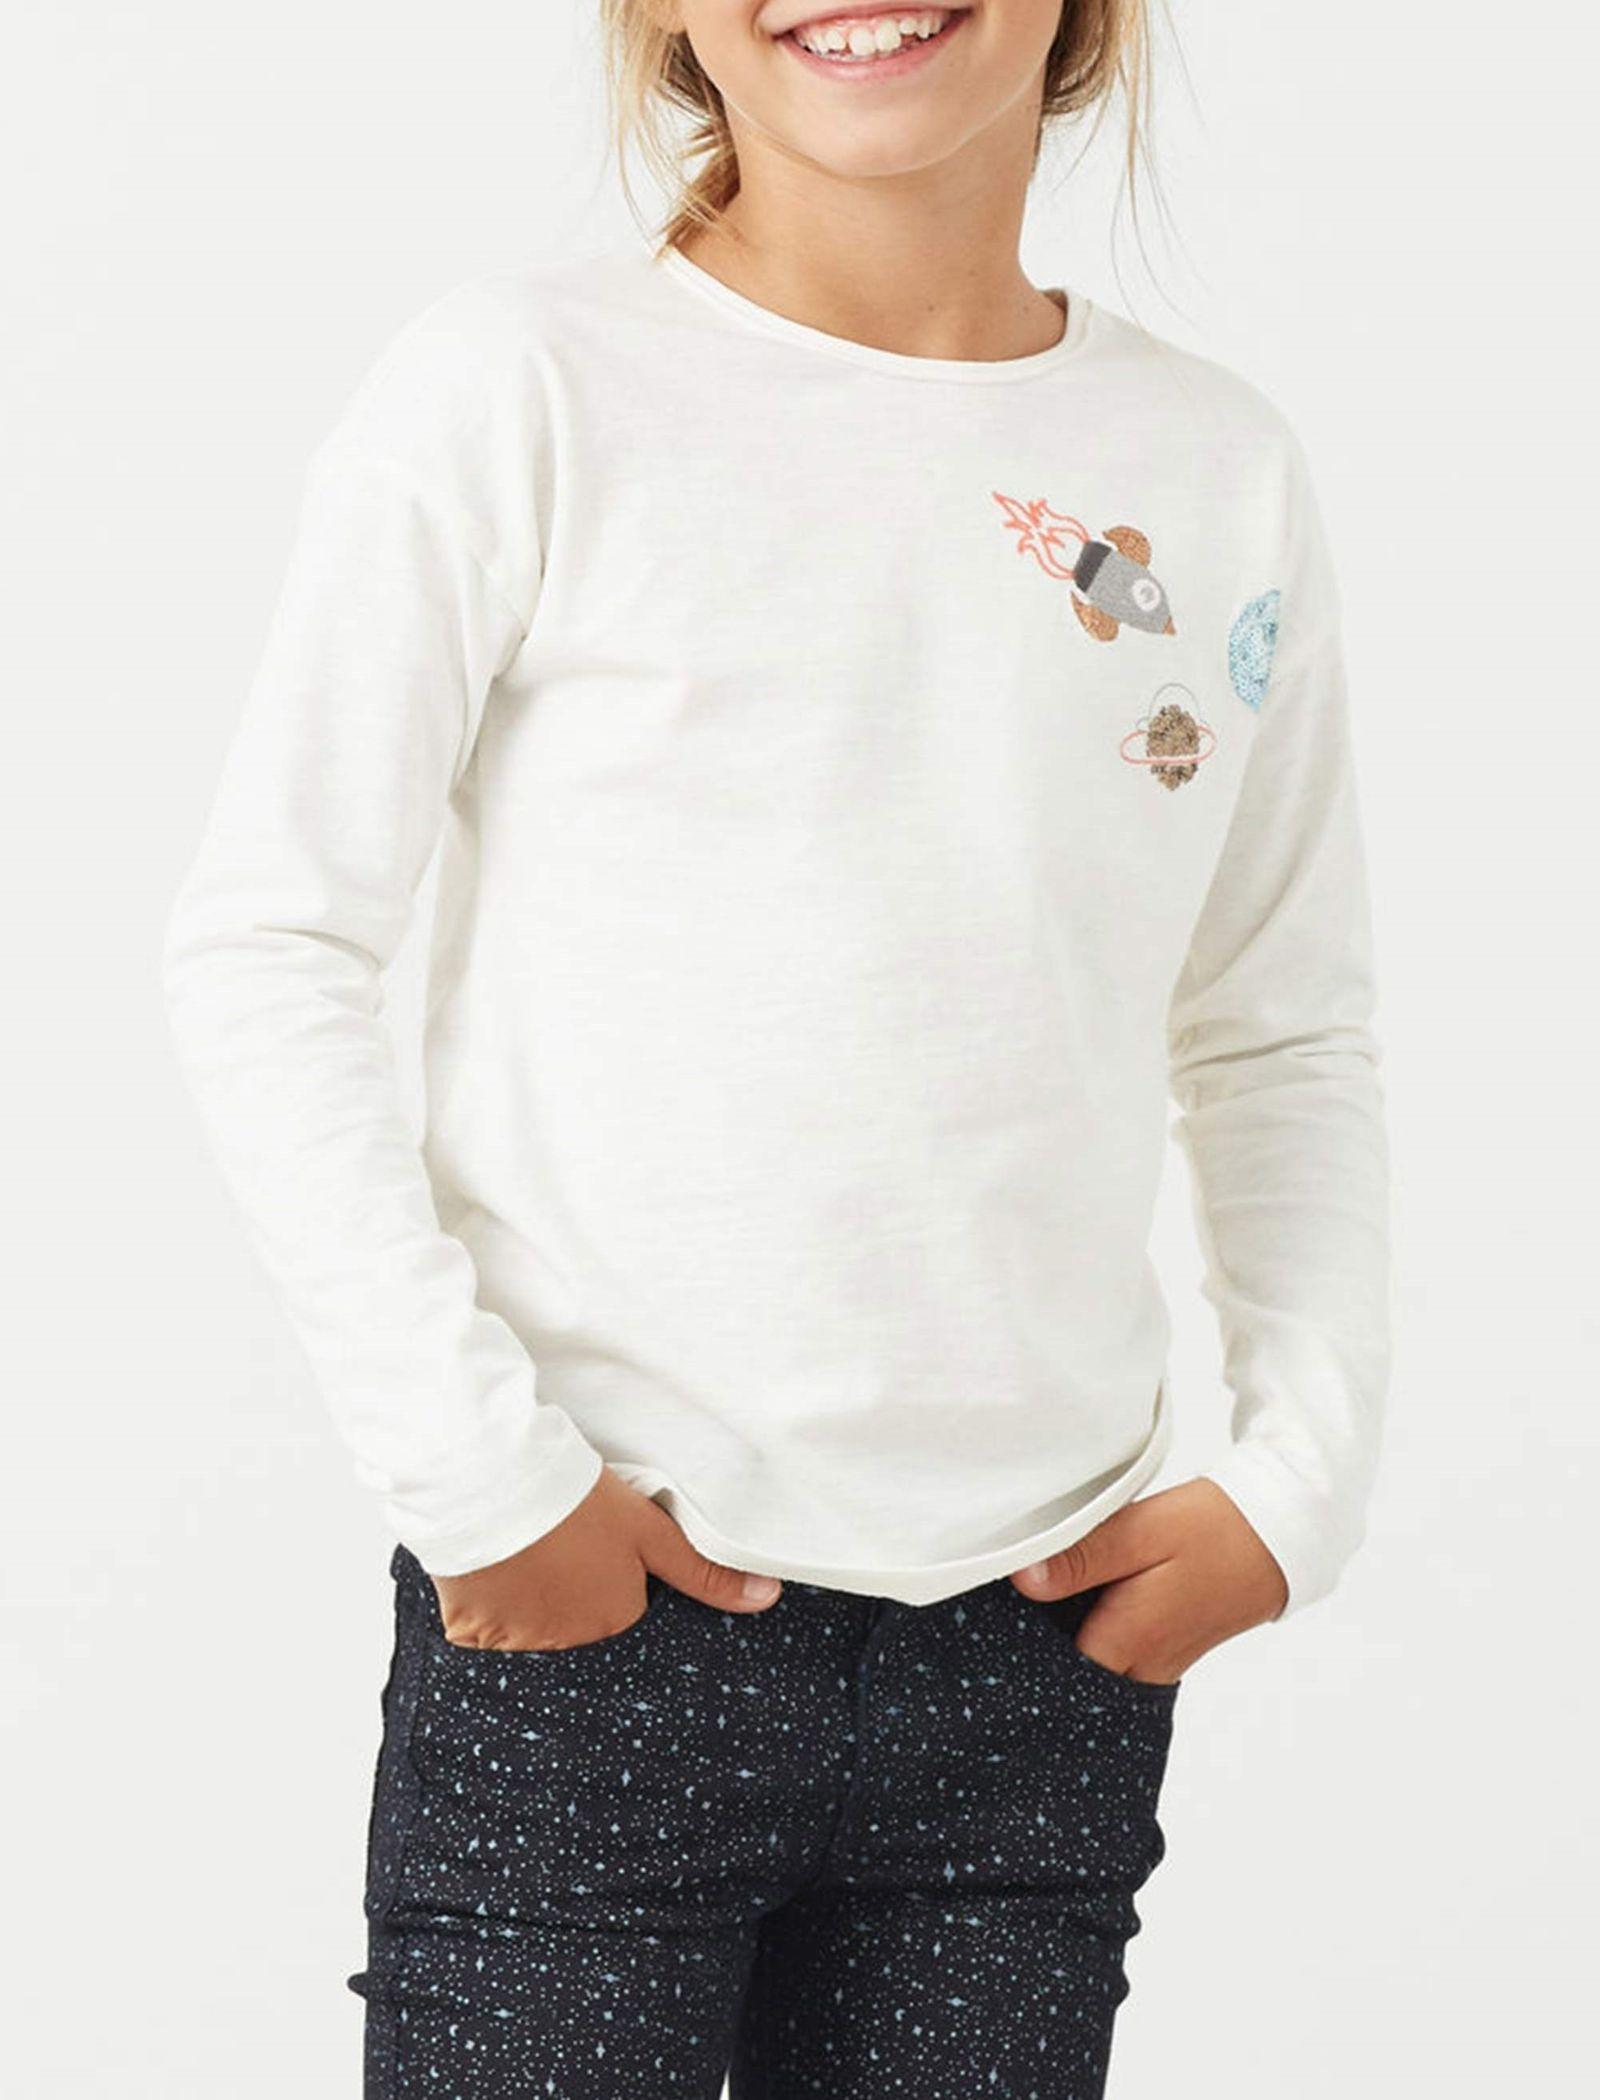 تی شرت نخی دخترانه - مانگو - سفيد وانيلي - 3